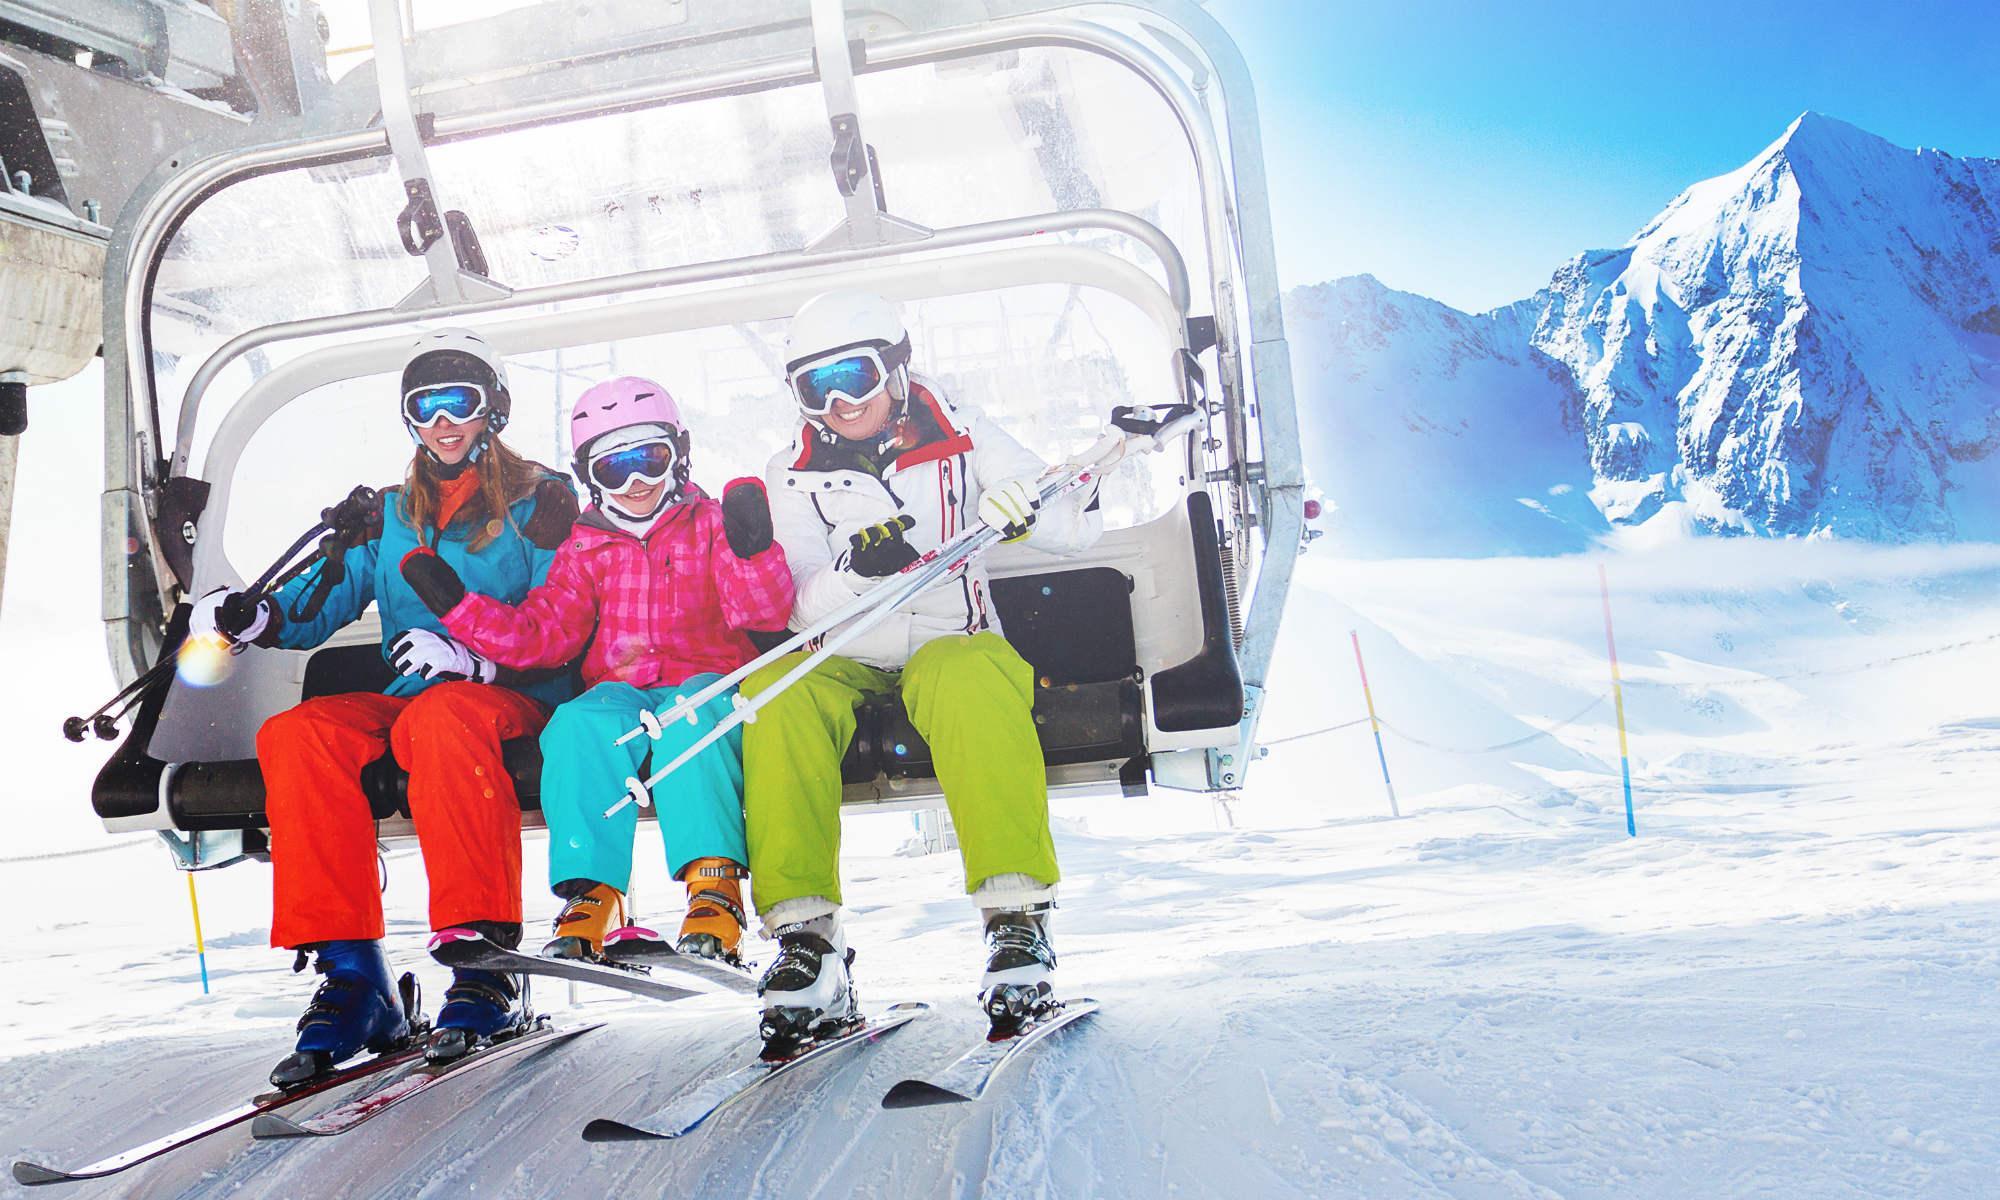 Des skieurs s'apprêtent à descendre du télésiège.